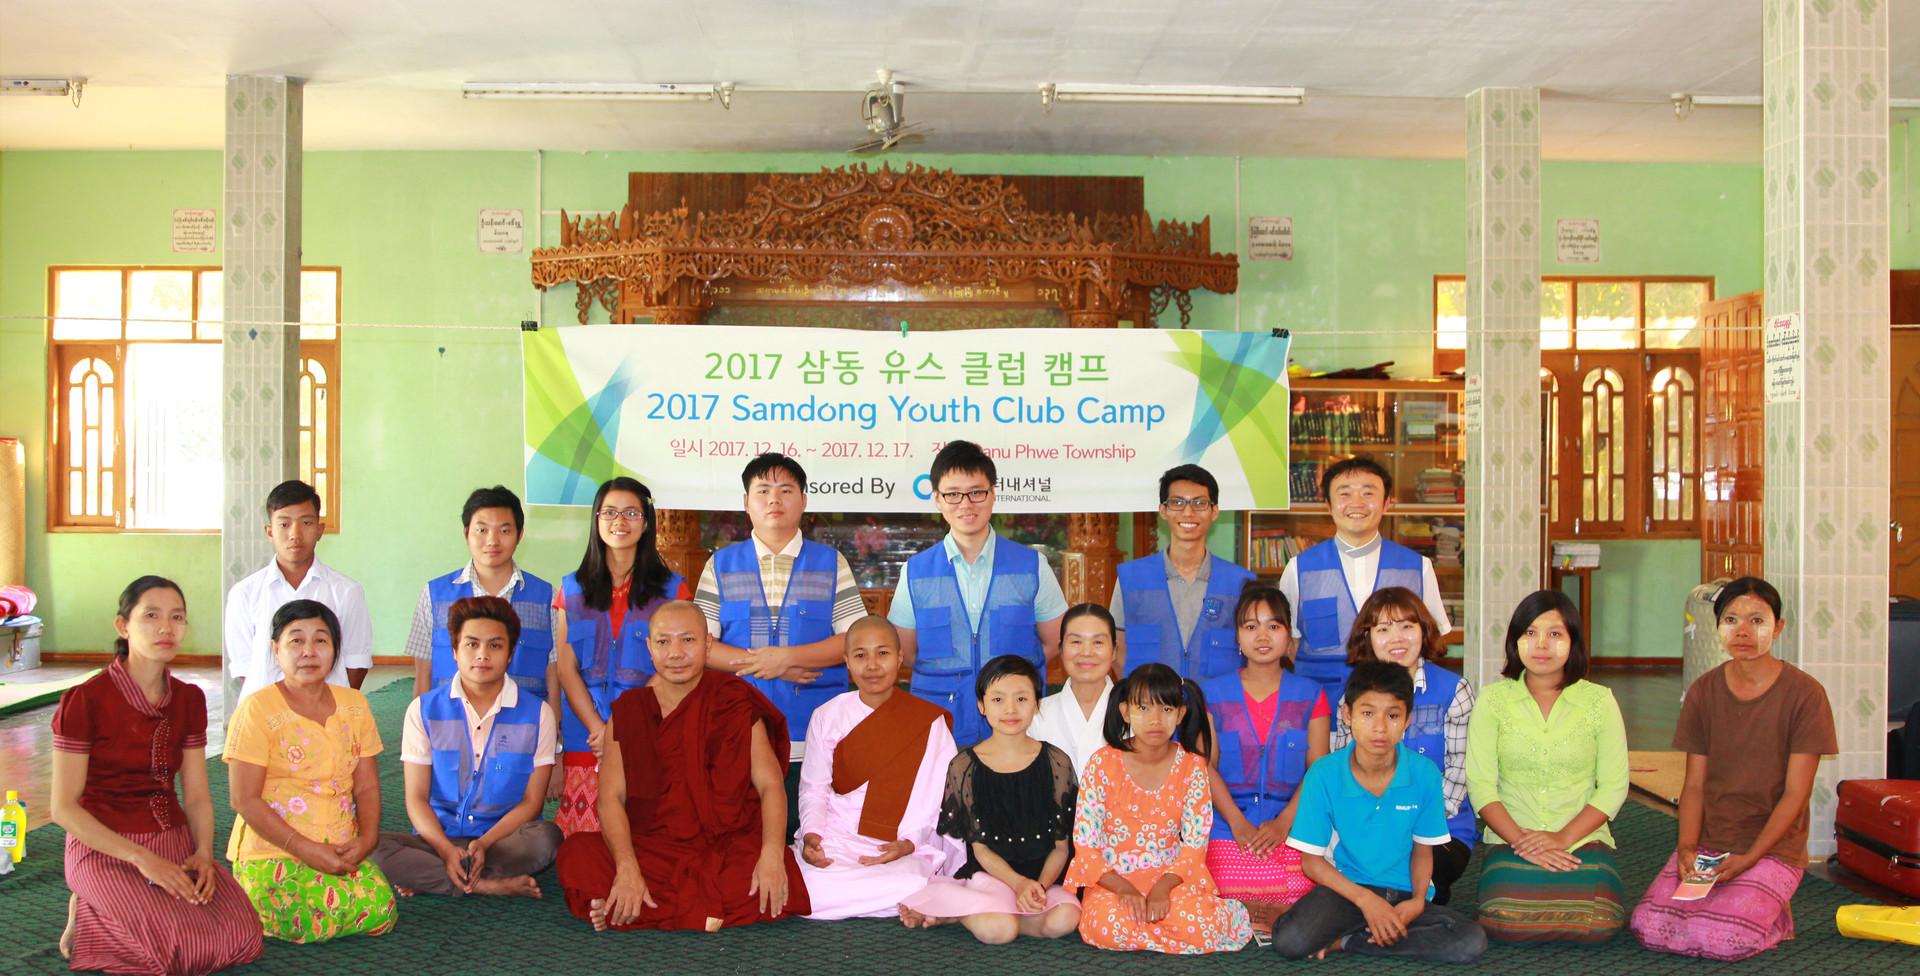 미얀마 삼동유스클럽 2017 (1).JPG